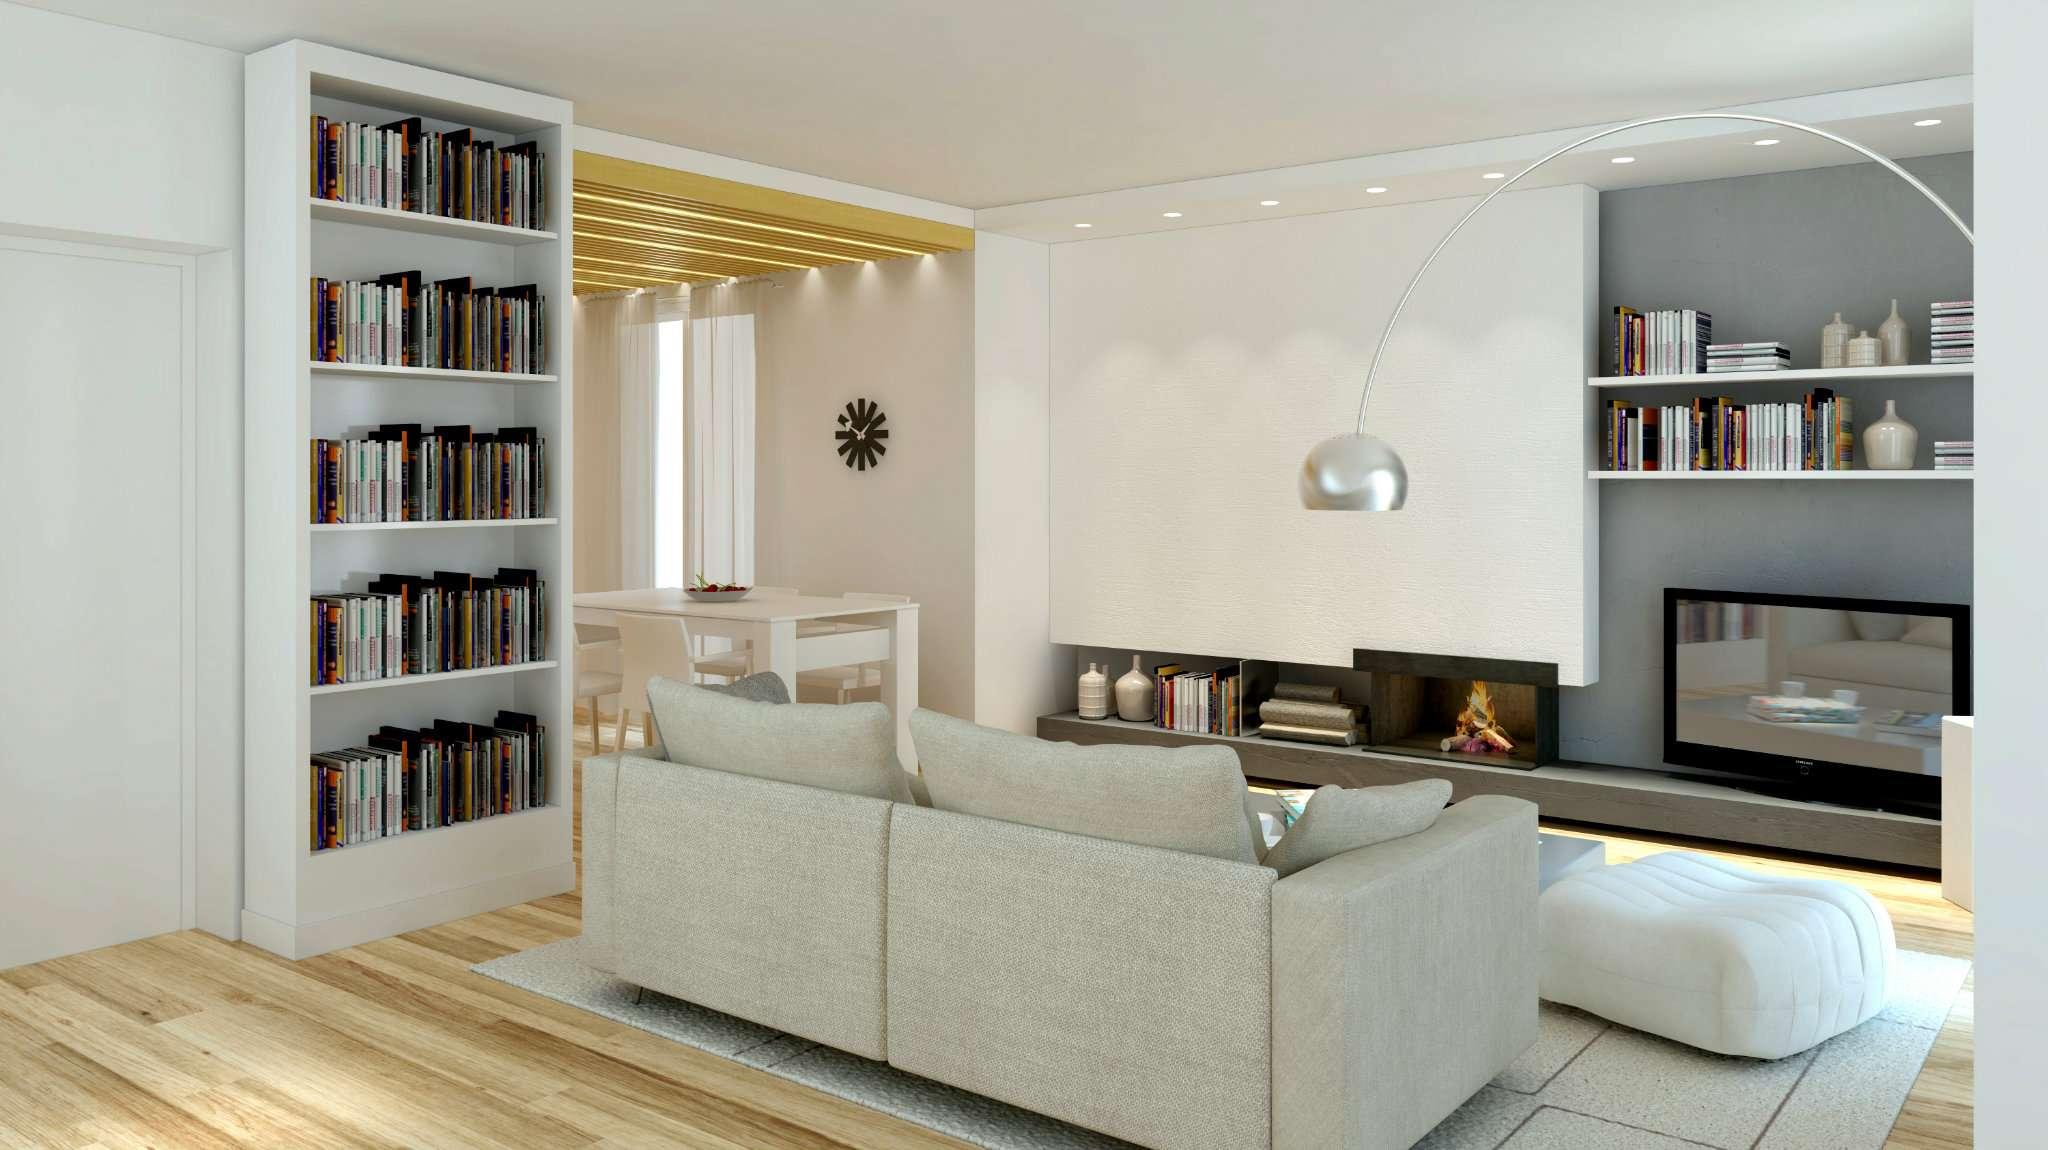 Villa in vendita a Venezia, 5 locali, zona Zona: 13 . Zelarino, prezzo € 360.000 | Cambio Casa.it